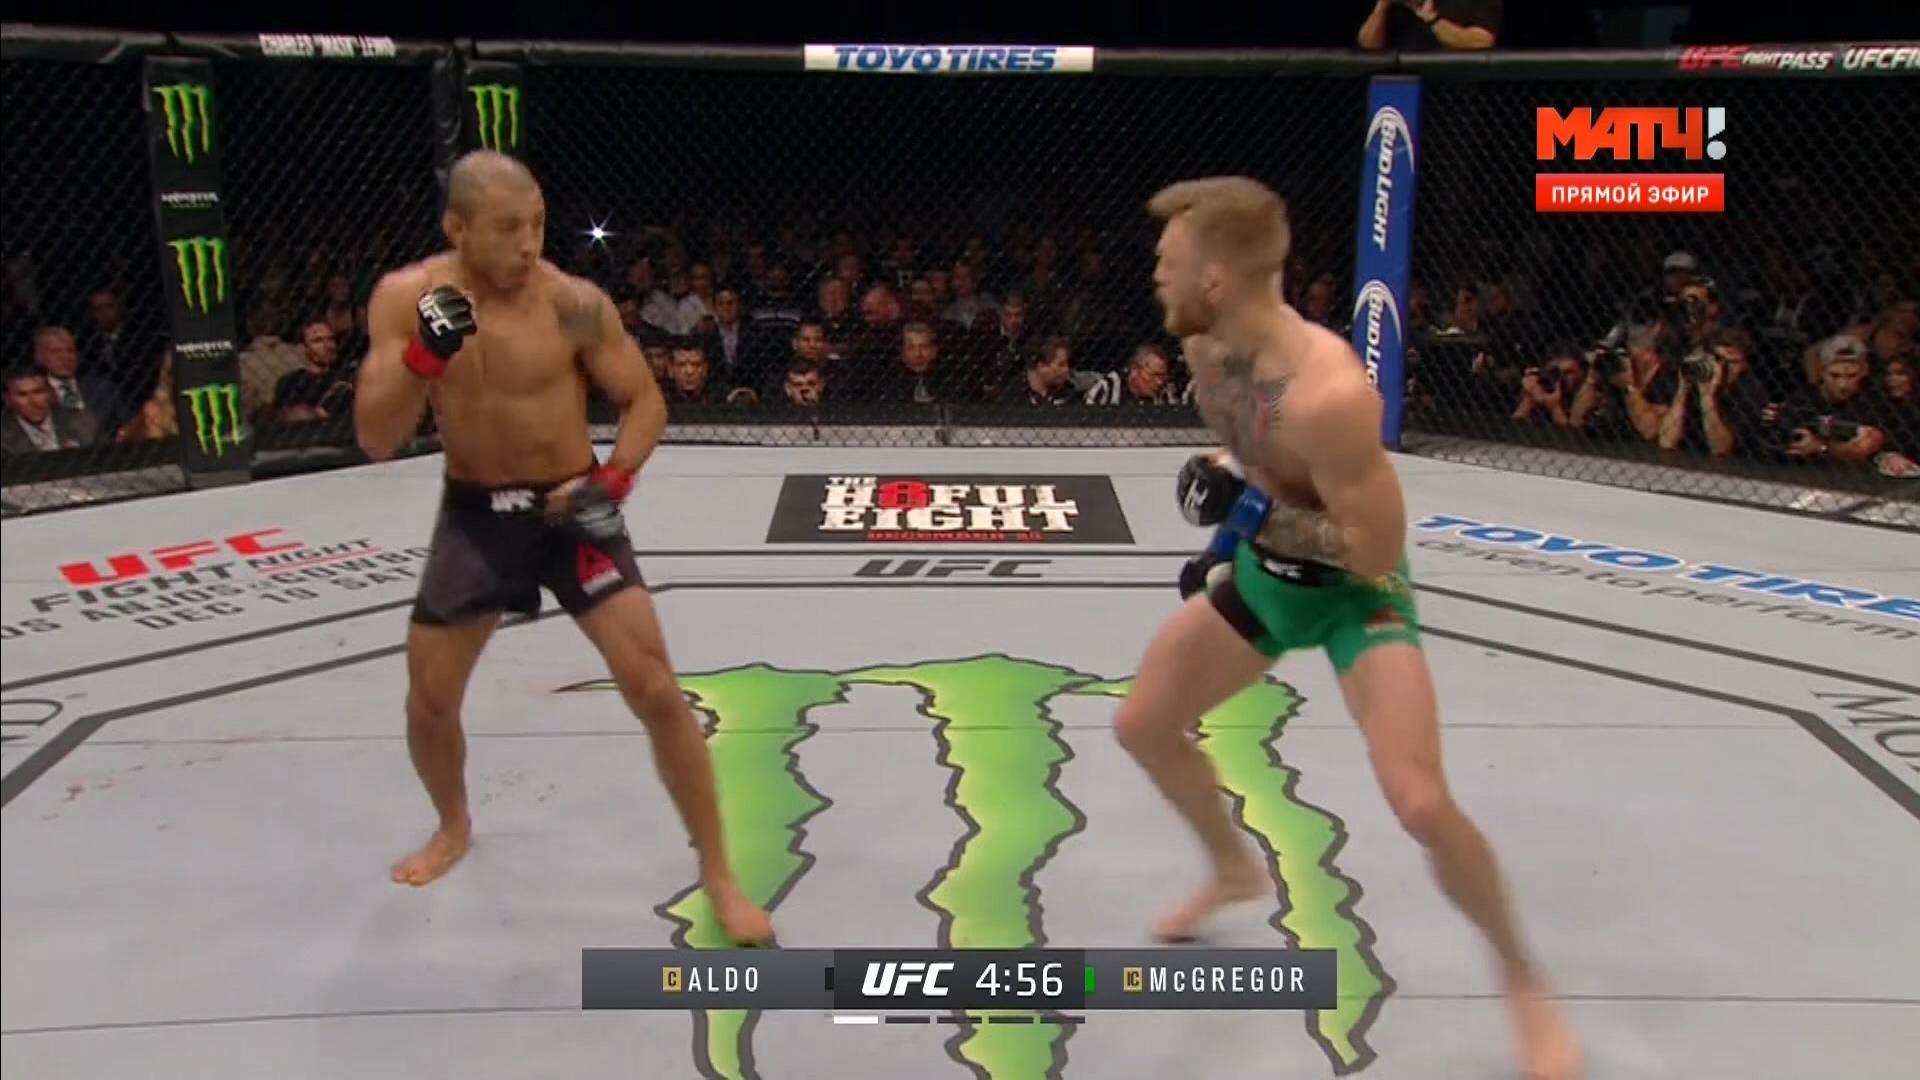 MMA. UFC 194. Альдо - МакГрегор + Андеркарт [12.12] | HDTV 1080i